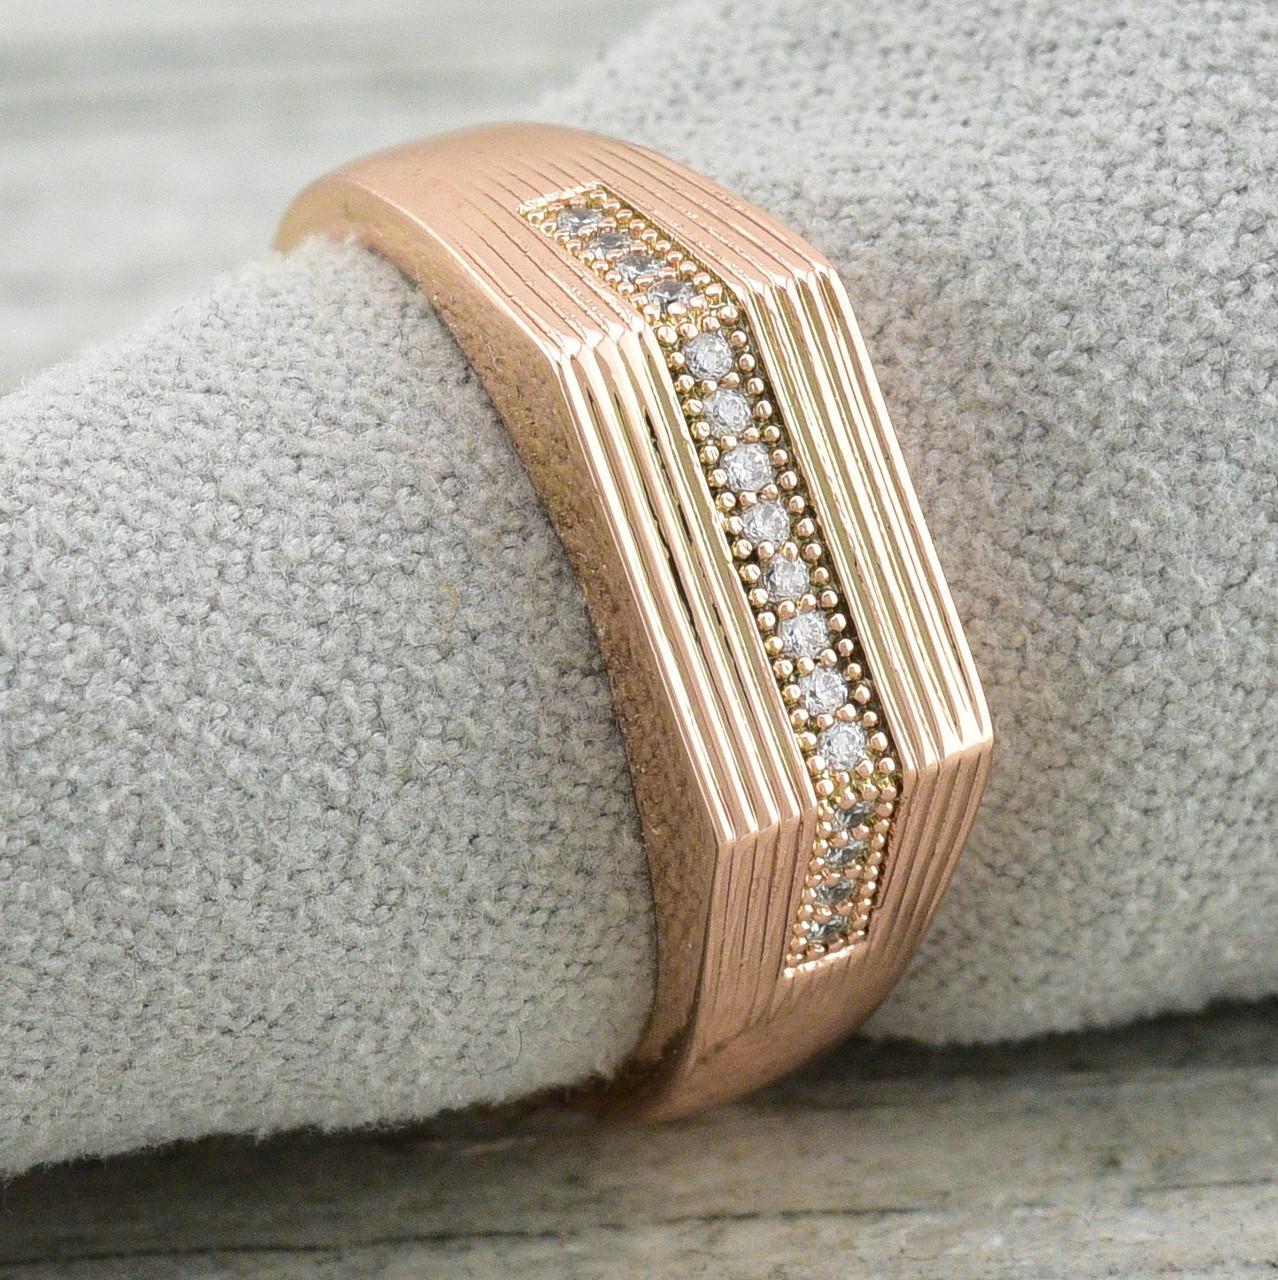 Кольцо 11620, размер 22, ширина 7 мм, куб.цирконий, вес 3.5 г, позолота РО